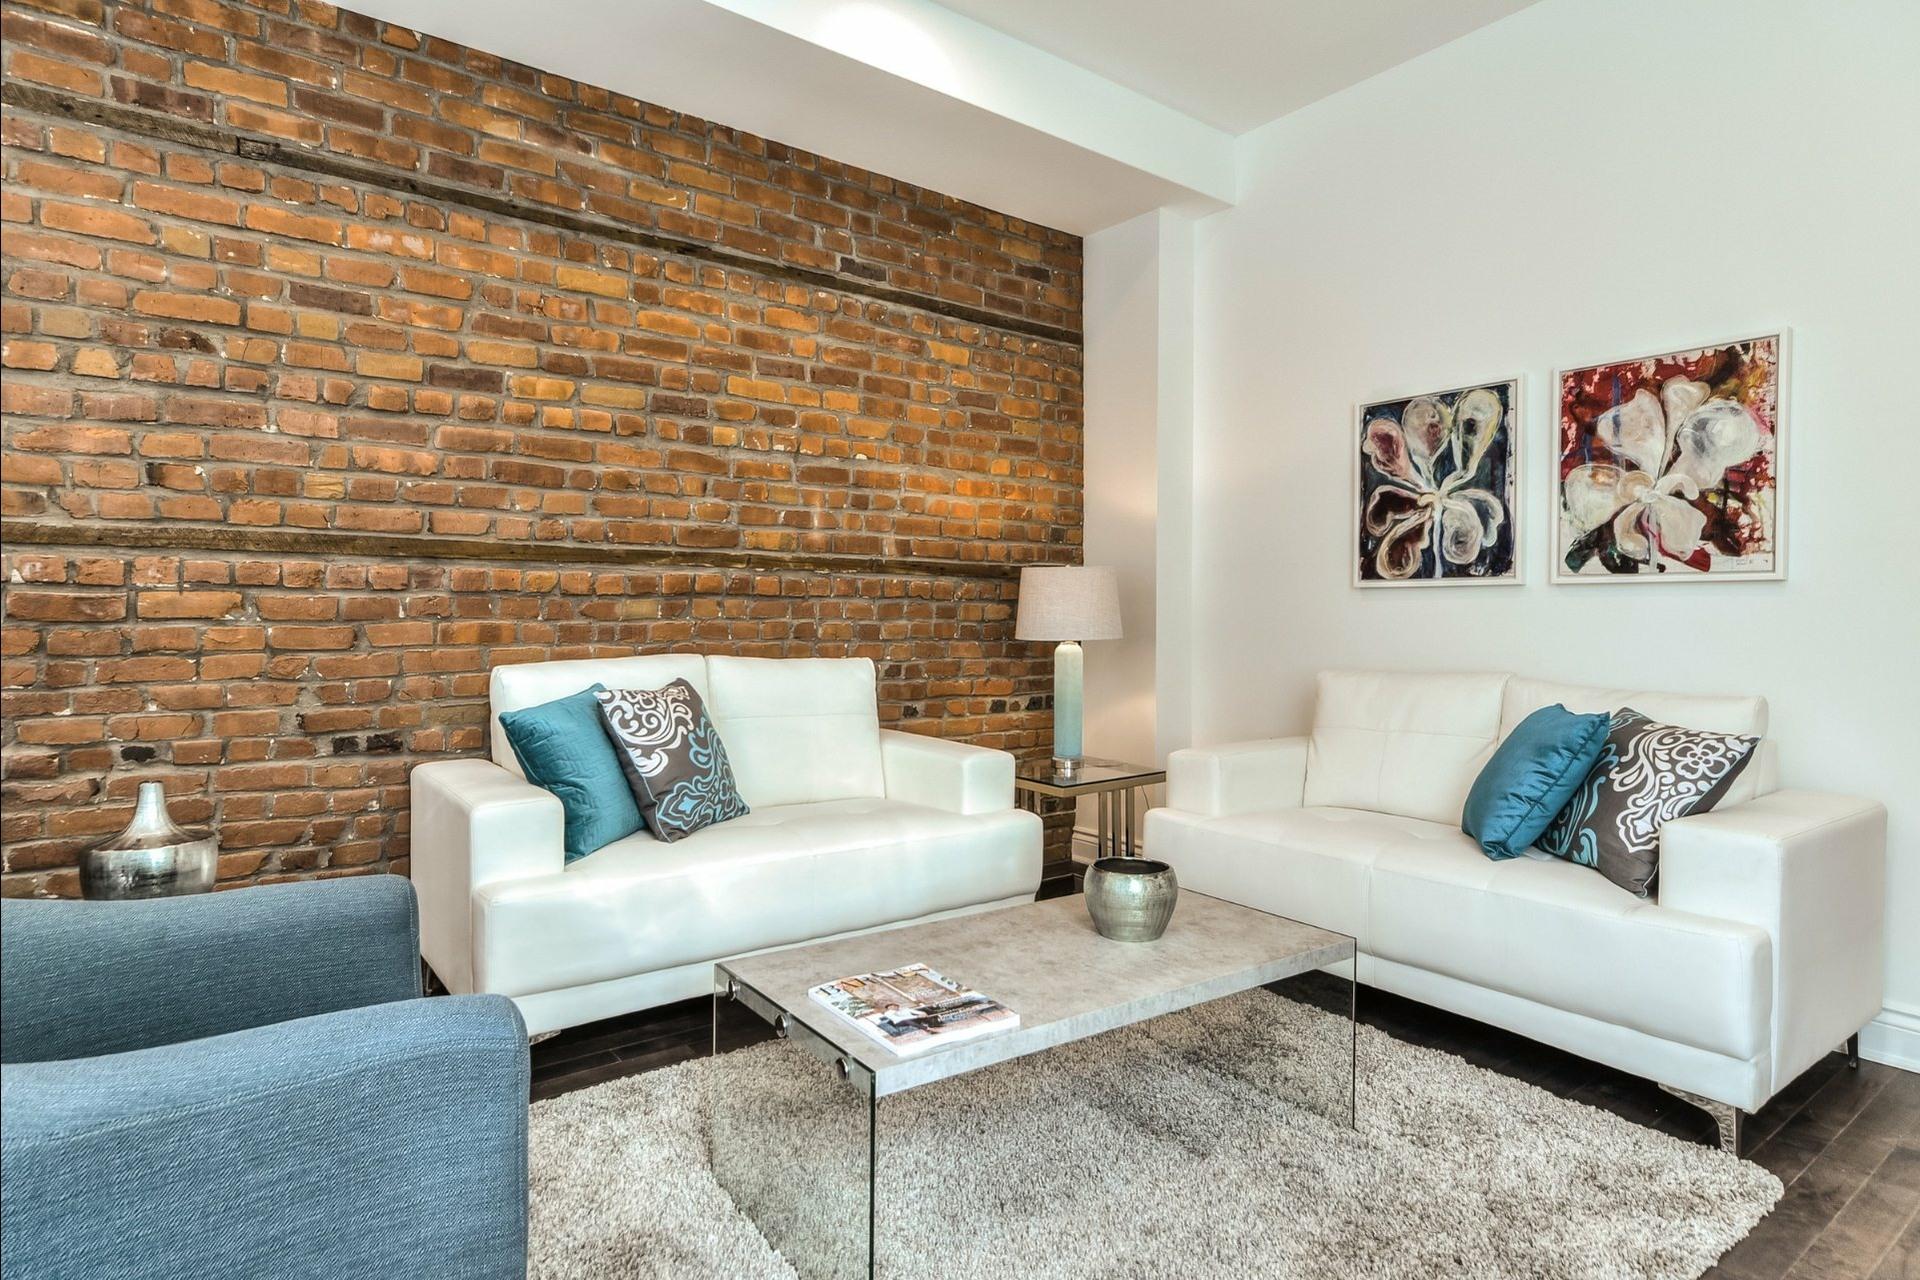 image 9 - Appartement À louer Montréal Le Plateau-Mont-Royal  - 7 pièces